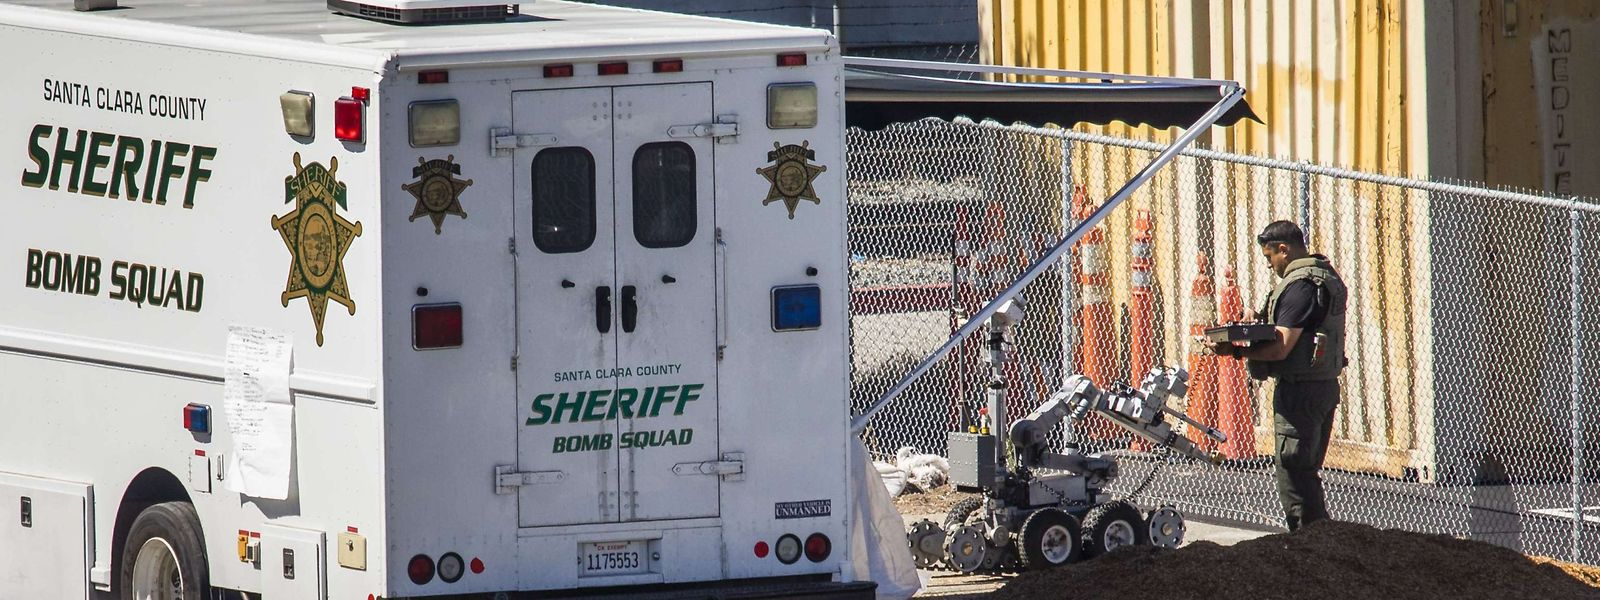 Nach dem Vorfall wurde am Tatort nach möglichen Sprengsätzen gesucht.